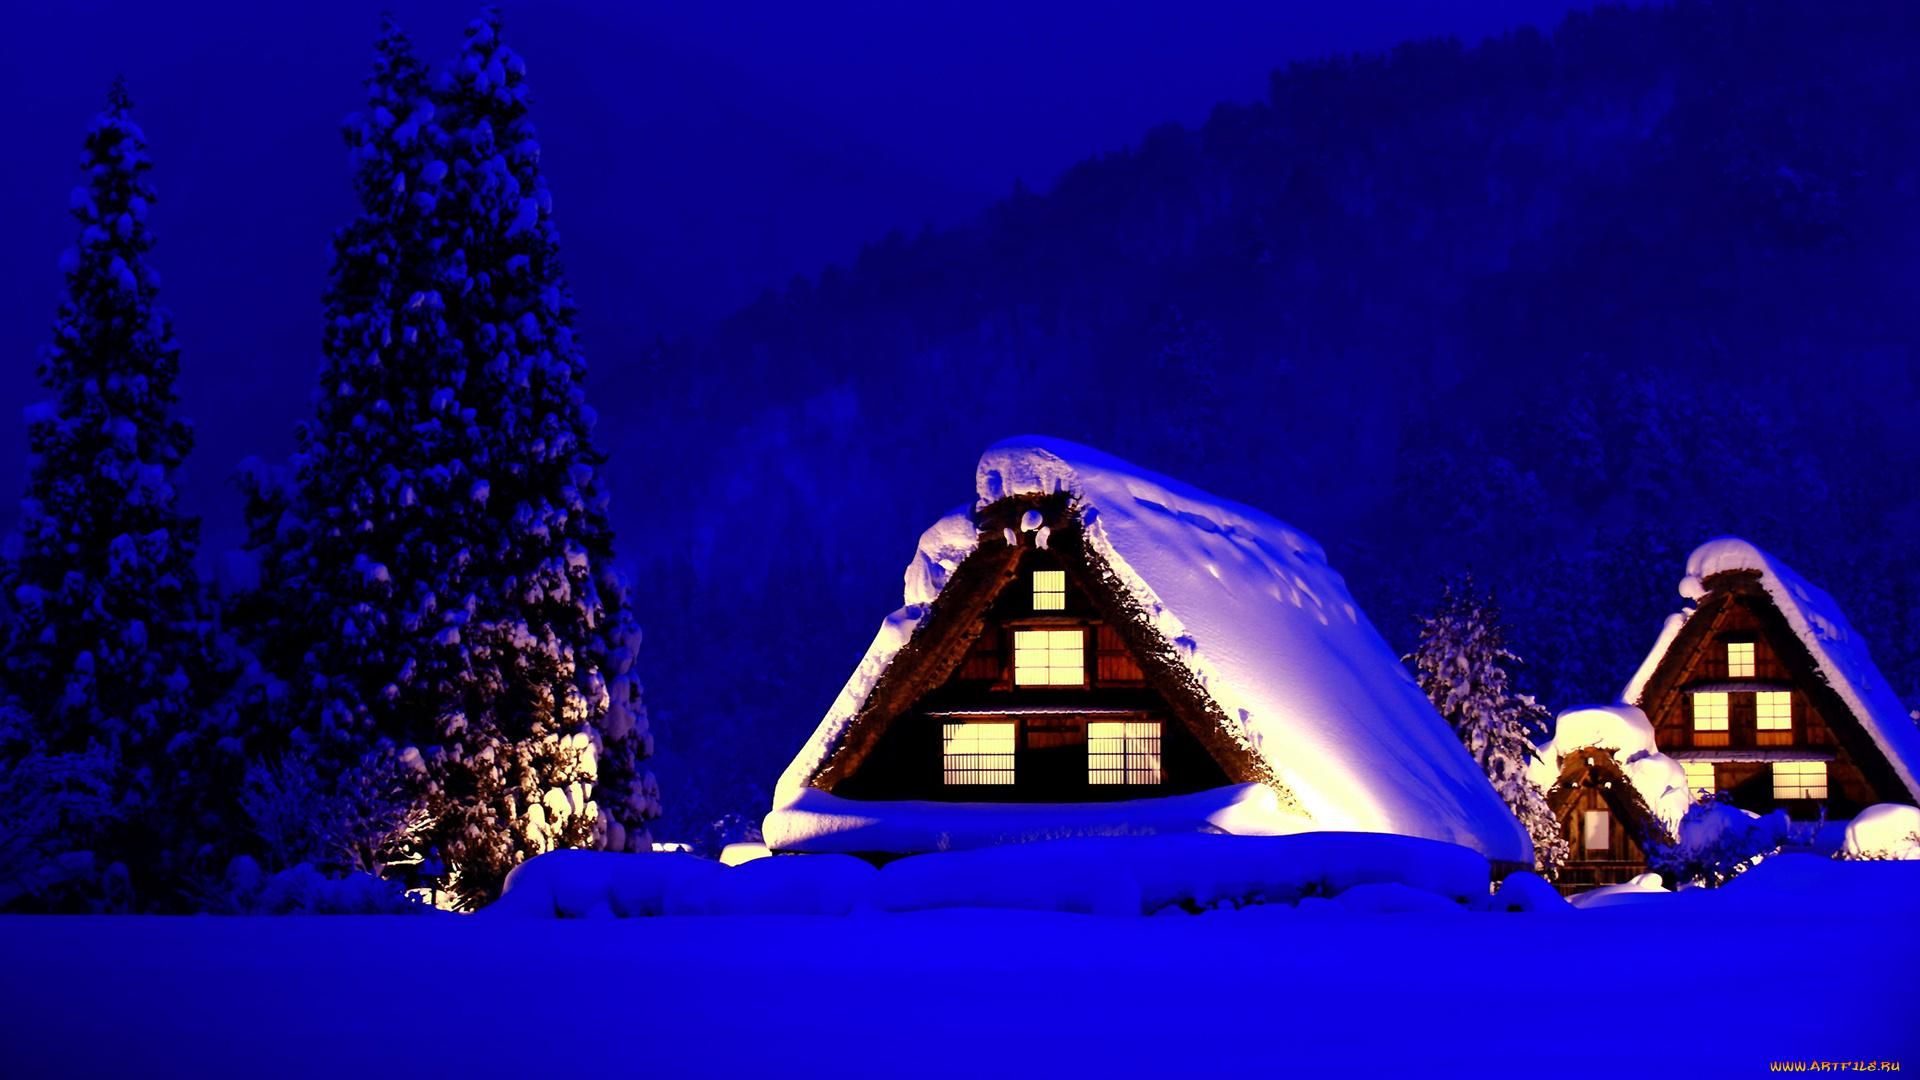 новый год дом ель ночь new year the house spruce night загрузить